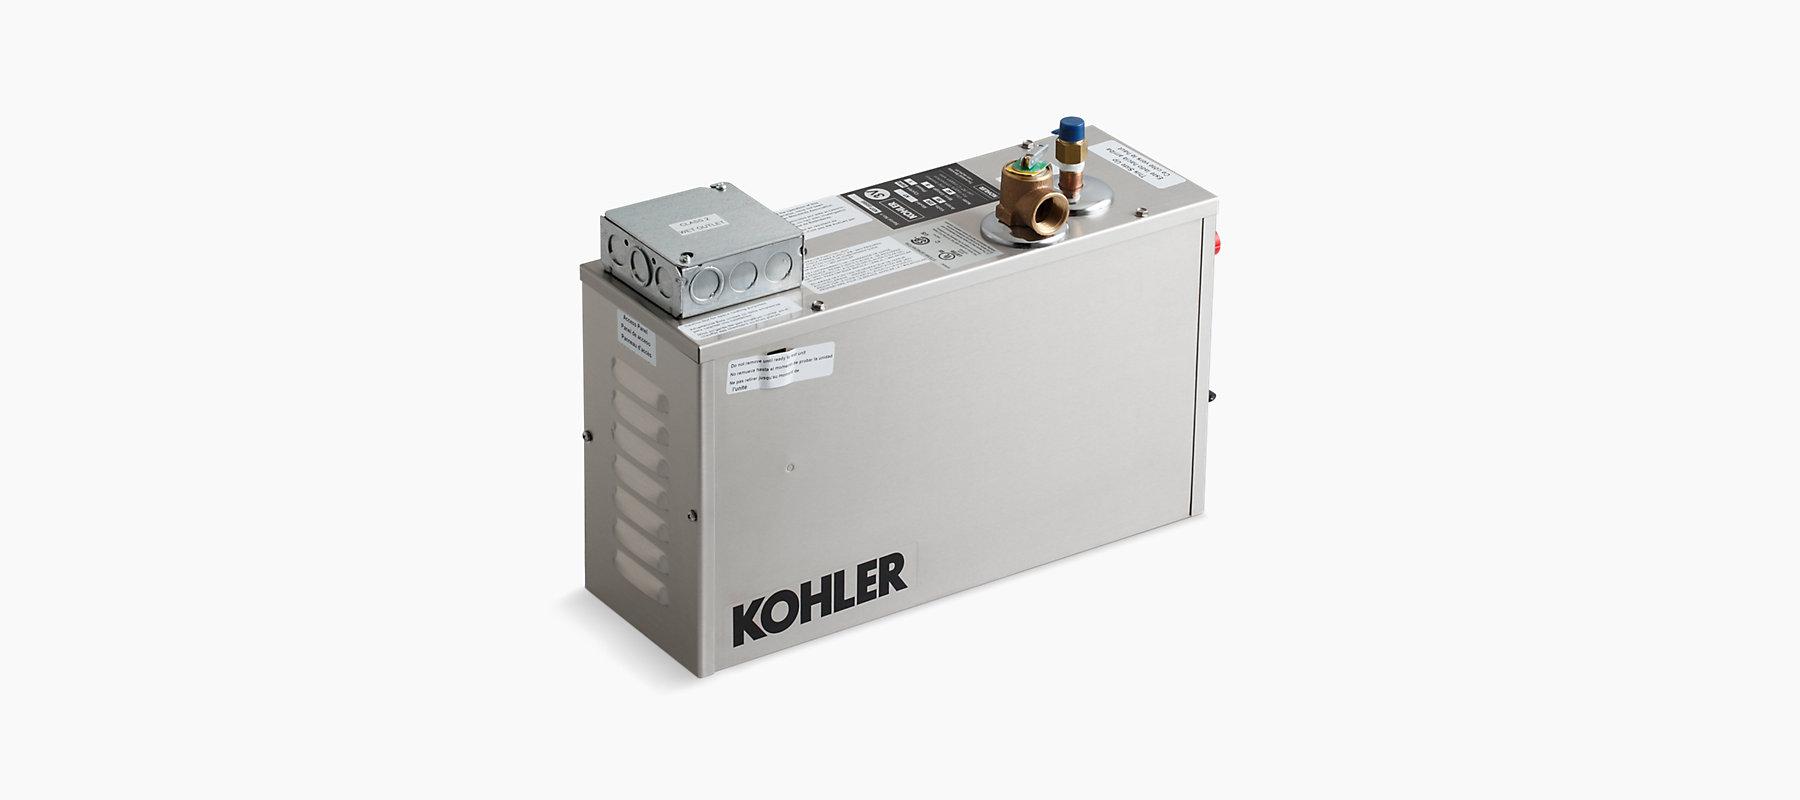 kohler k532 wiring diagram fb22b kohler steam generator wiring diagram wiring resources  fb22b kohler steam generator wiring